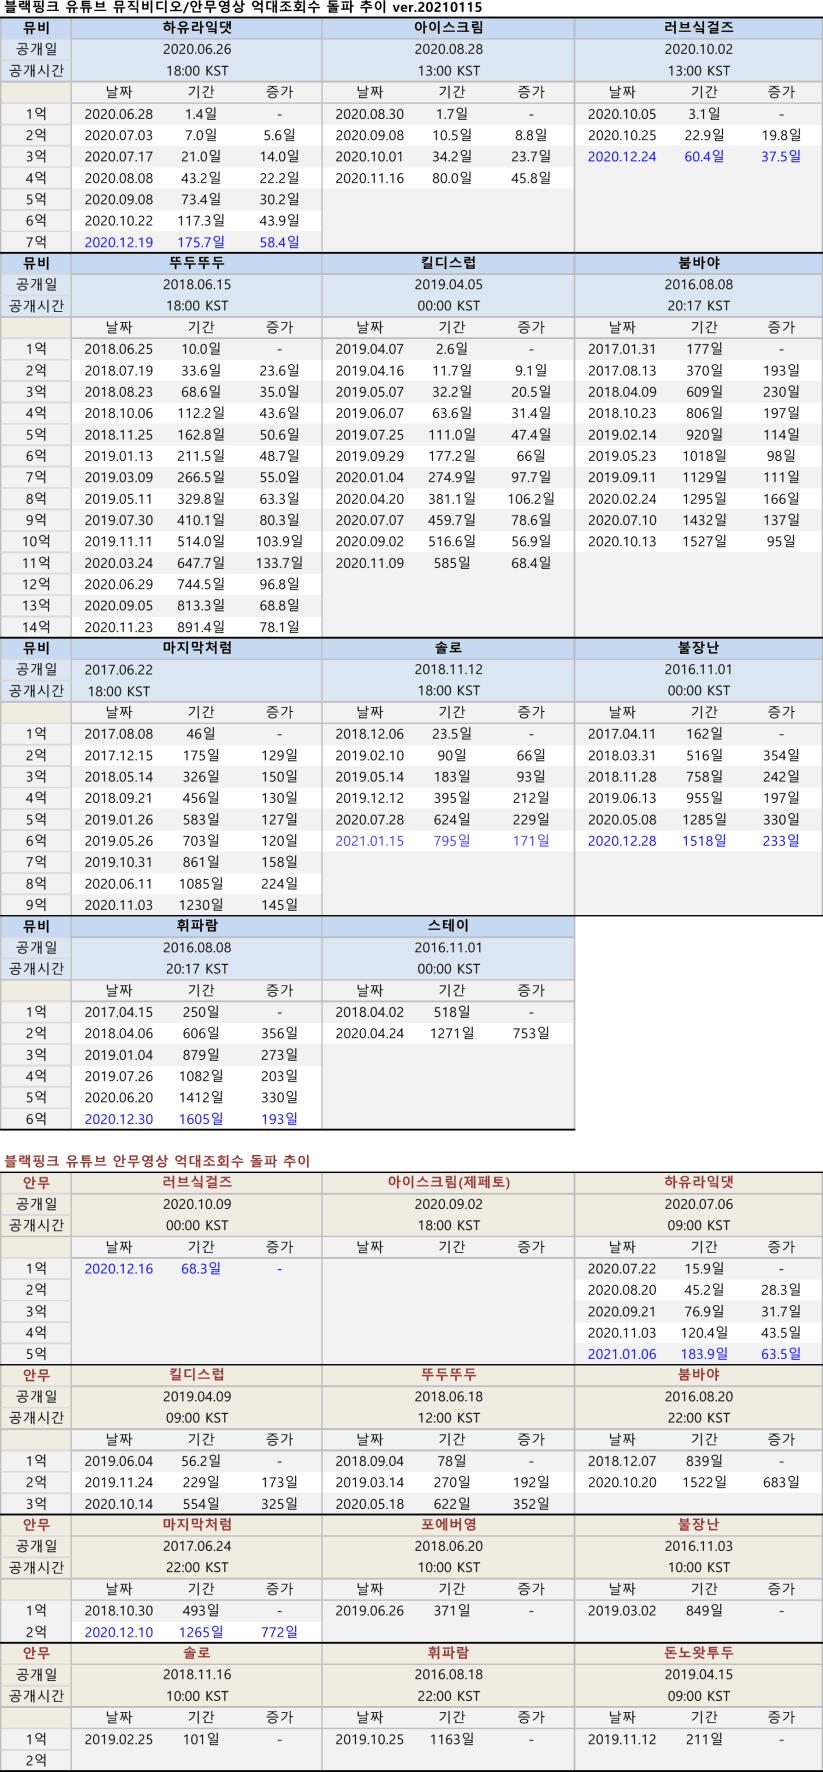 viewimage.php?id=2fb1d125eec231a865&no=24b0d769e1d32ca73fec82fa11d028313f7ca0229f7ff0a914a04ad5fd5e9e1c8a5b04f424ab70c5fede14fbe720f90a16c7b886749364b8eb436c37d1ede1137ec540c2